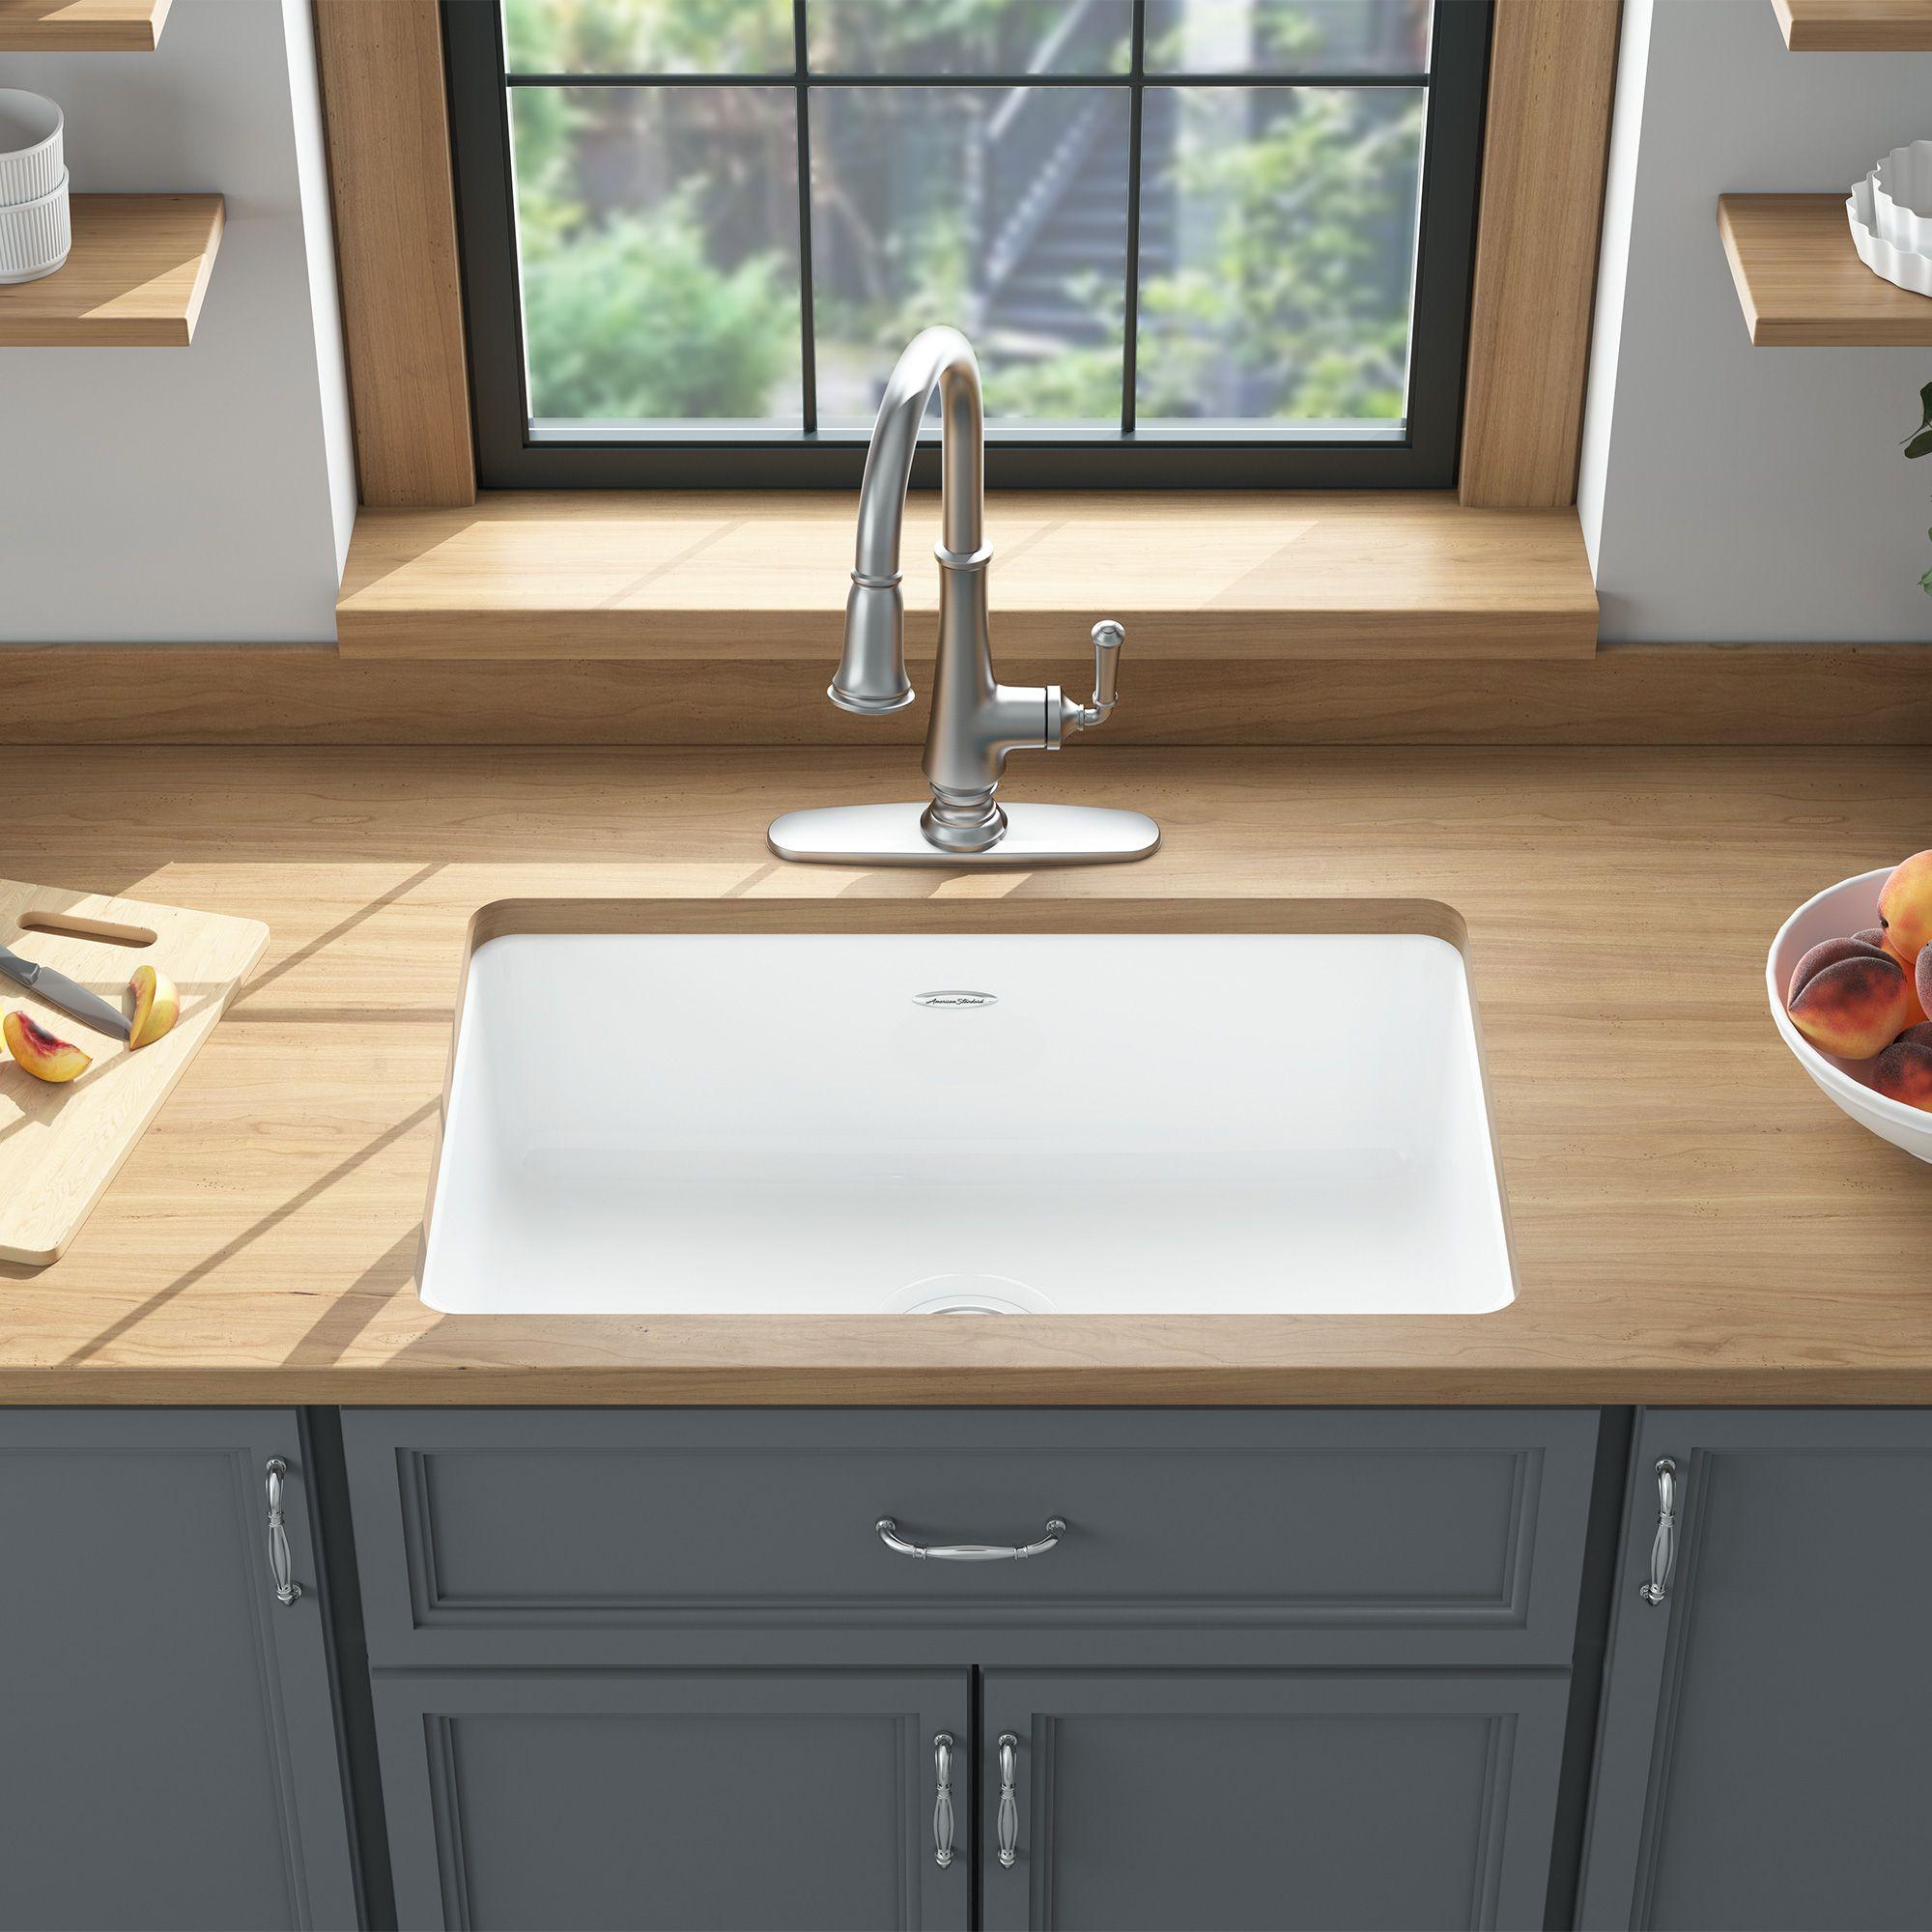 Delancey 30x19 Inch Cast Iron Kitchen Sink American Standard Cast Iron Kitchen Sinks Undermount Kitchen Sinks Sink